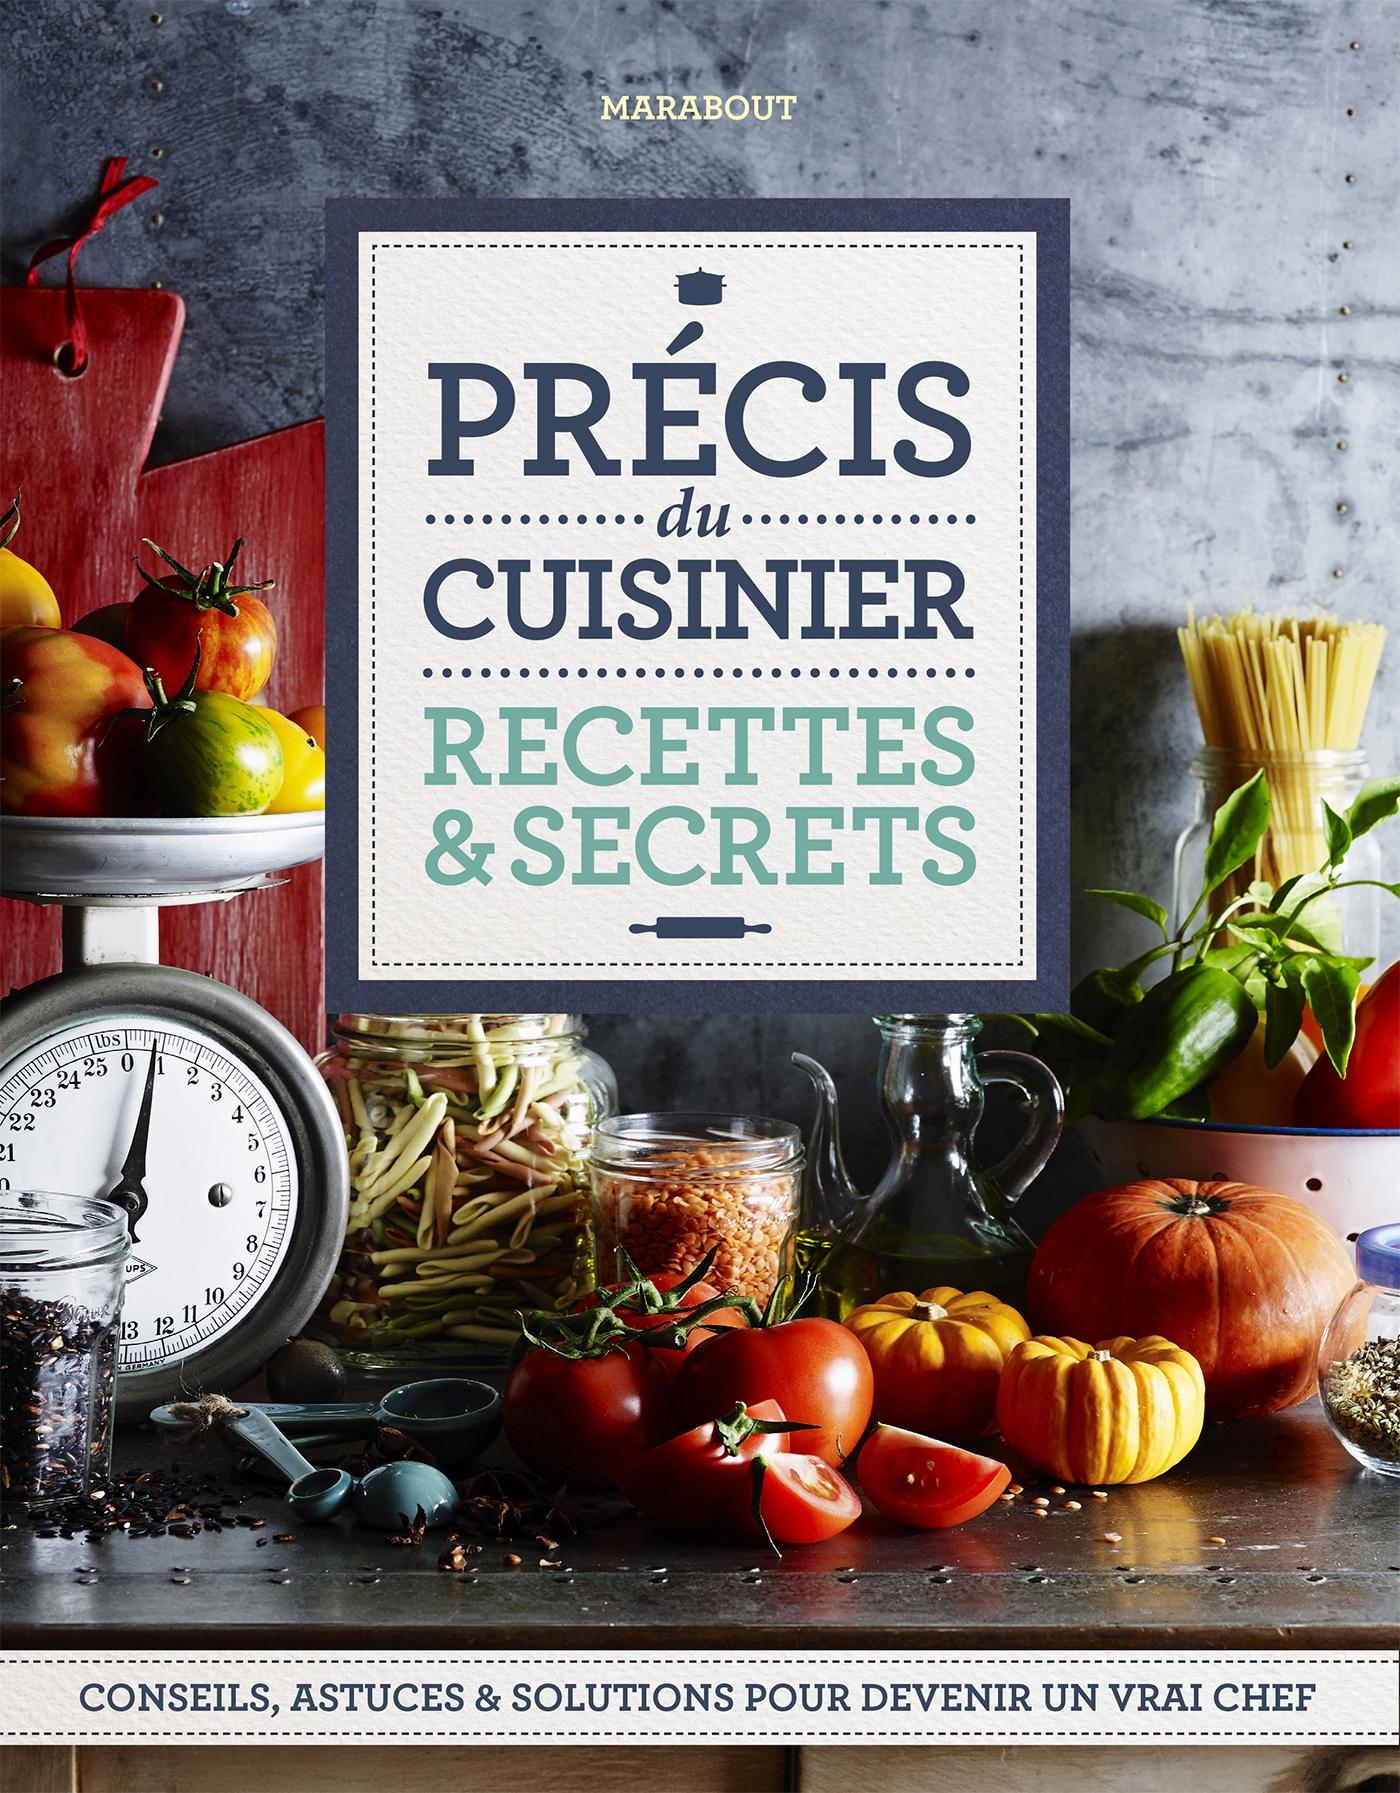 Apprendre Les Bases De La Cuisine Meilleur De Galerie Du Cuisinier Recettes Secrets